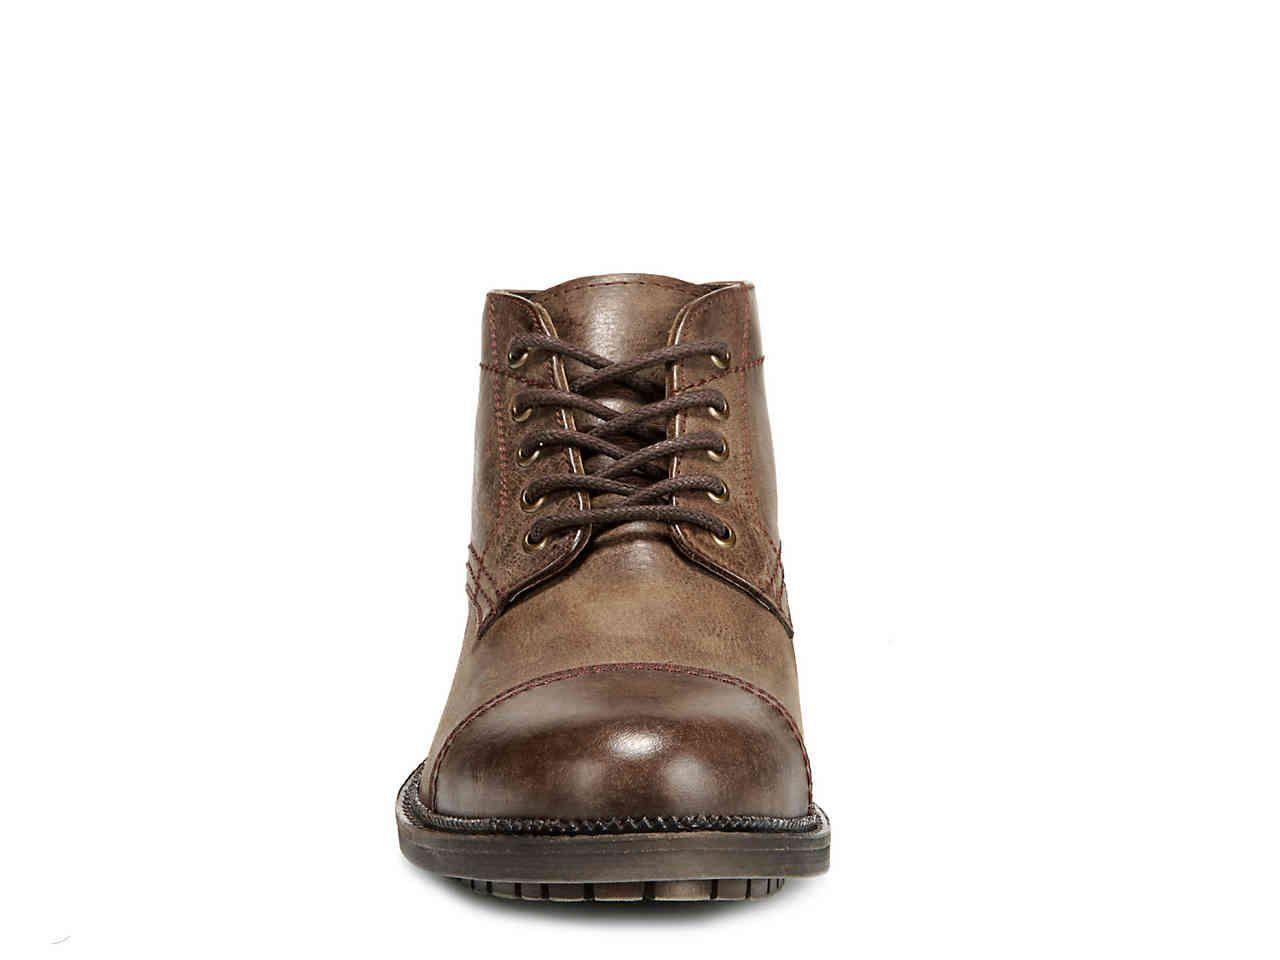 dsw steel toe work boots cheap online